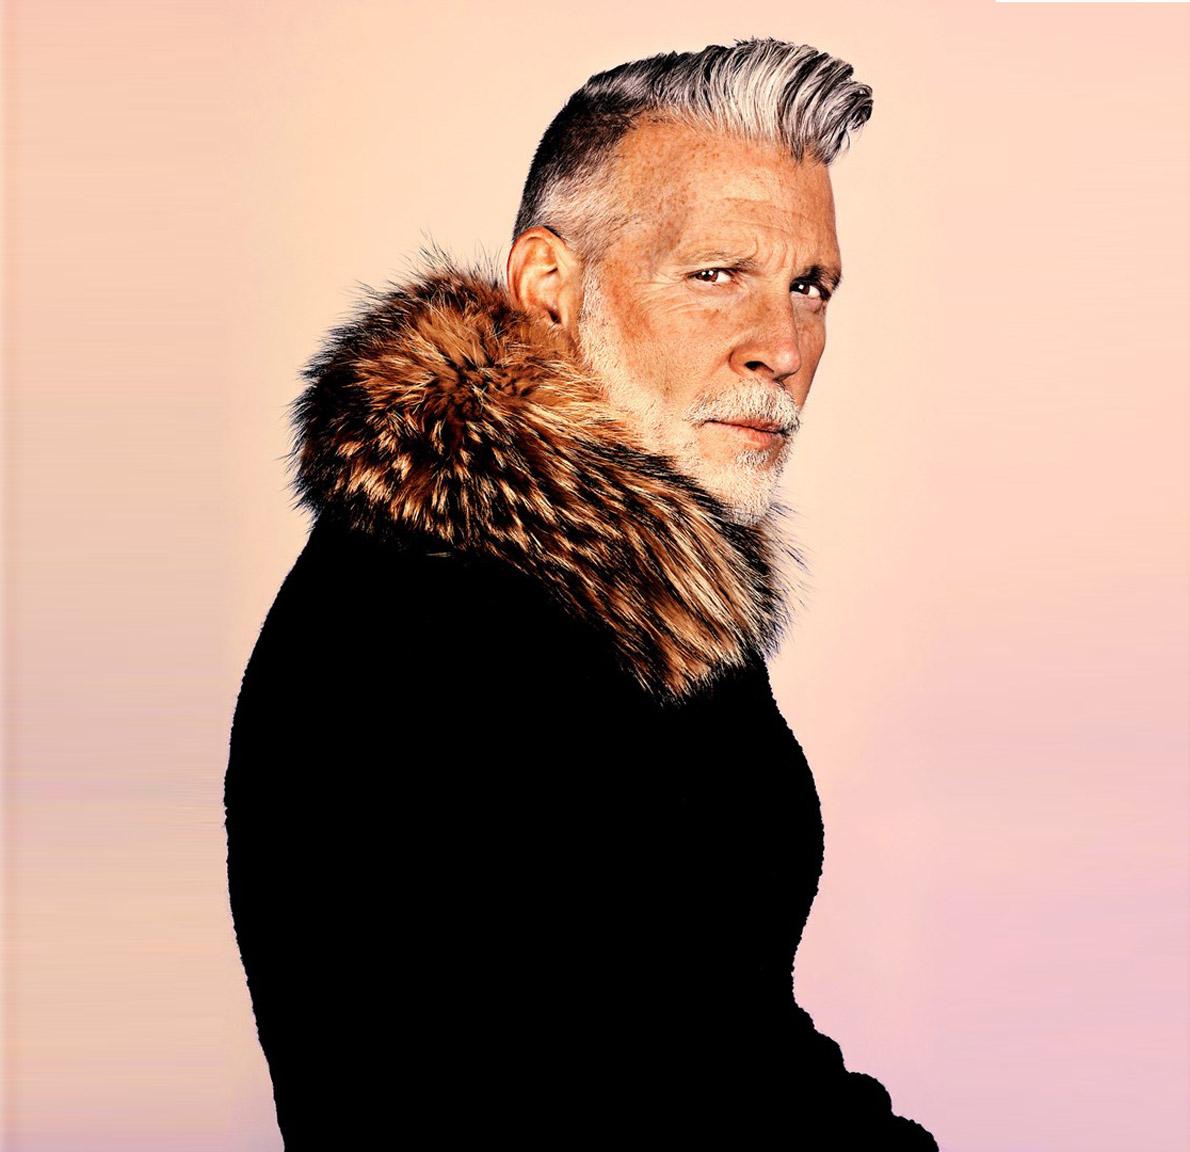 Ο βετεράνος του μόντελινγκ Nick Wooster, το πρόσωπο της Calvin Klein και της Polo Ralph Lauren, πάντα γοητευτικός και στα 50 του, με επιμελώς φροντισμένο μούσι.